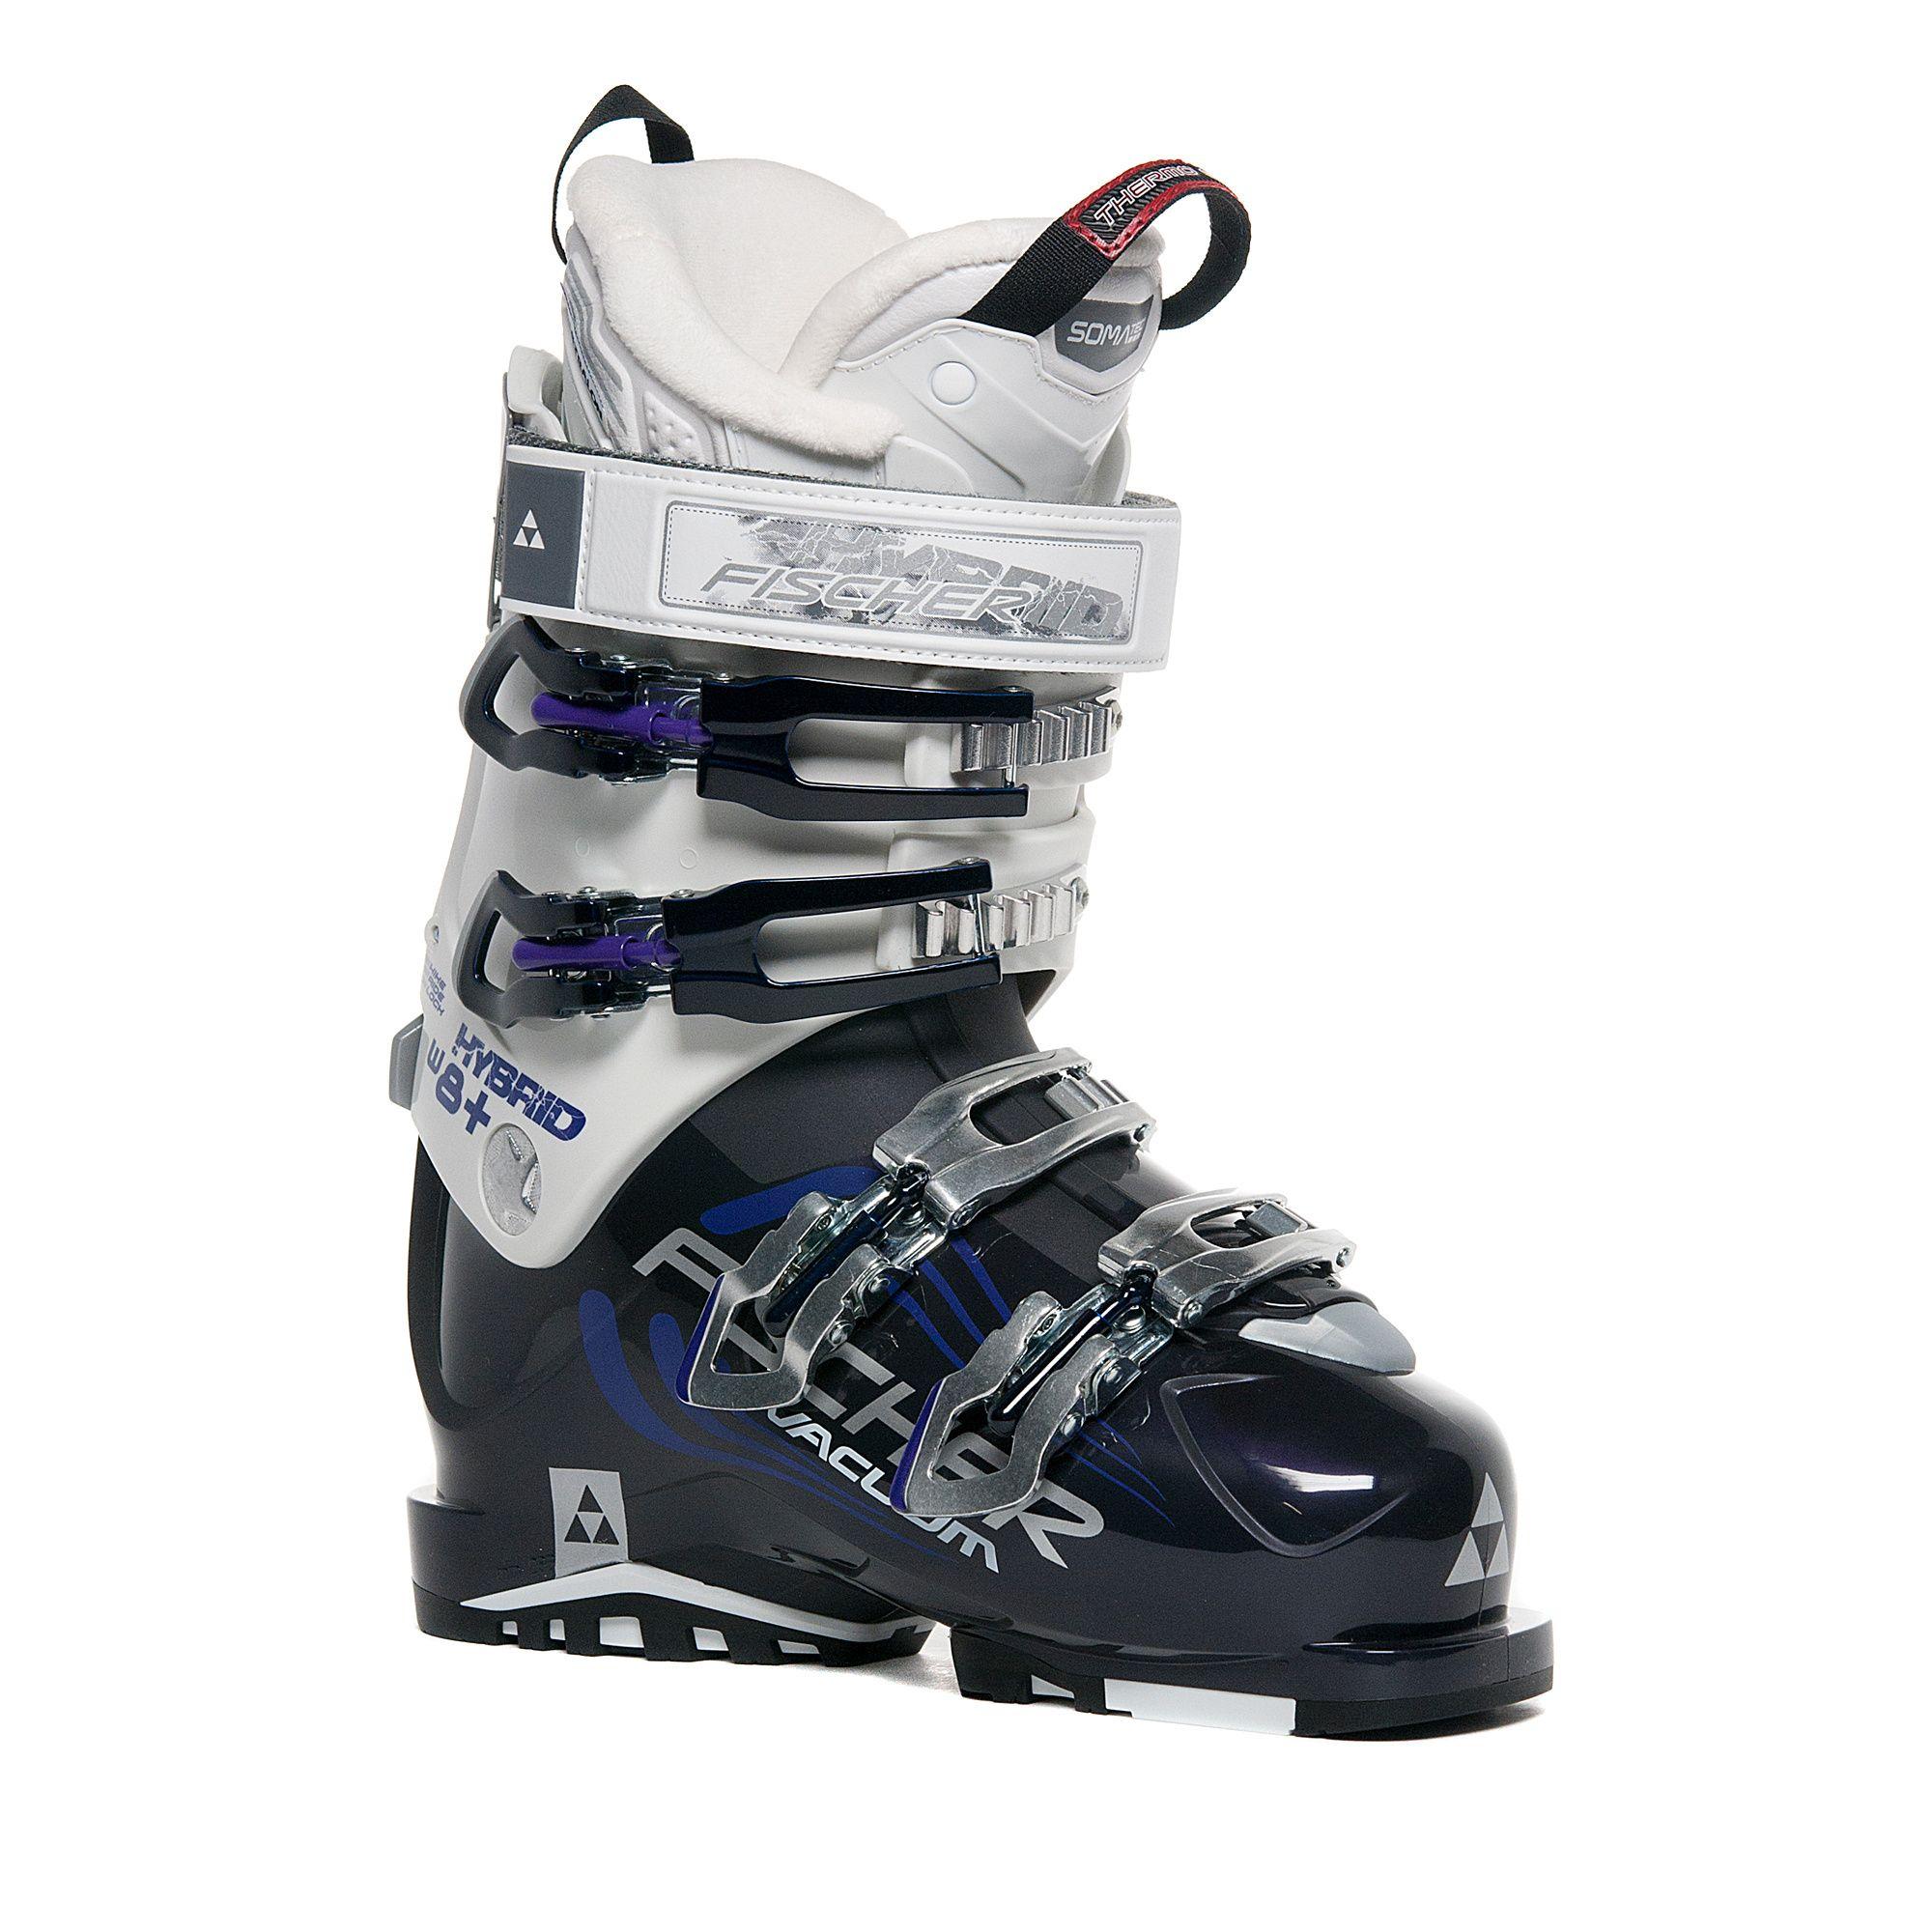 FISCHER SPORTS Women's Hybrid 8+ Vacuum Ski Boot